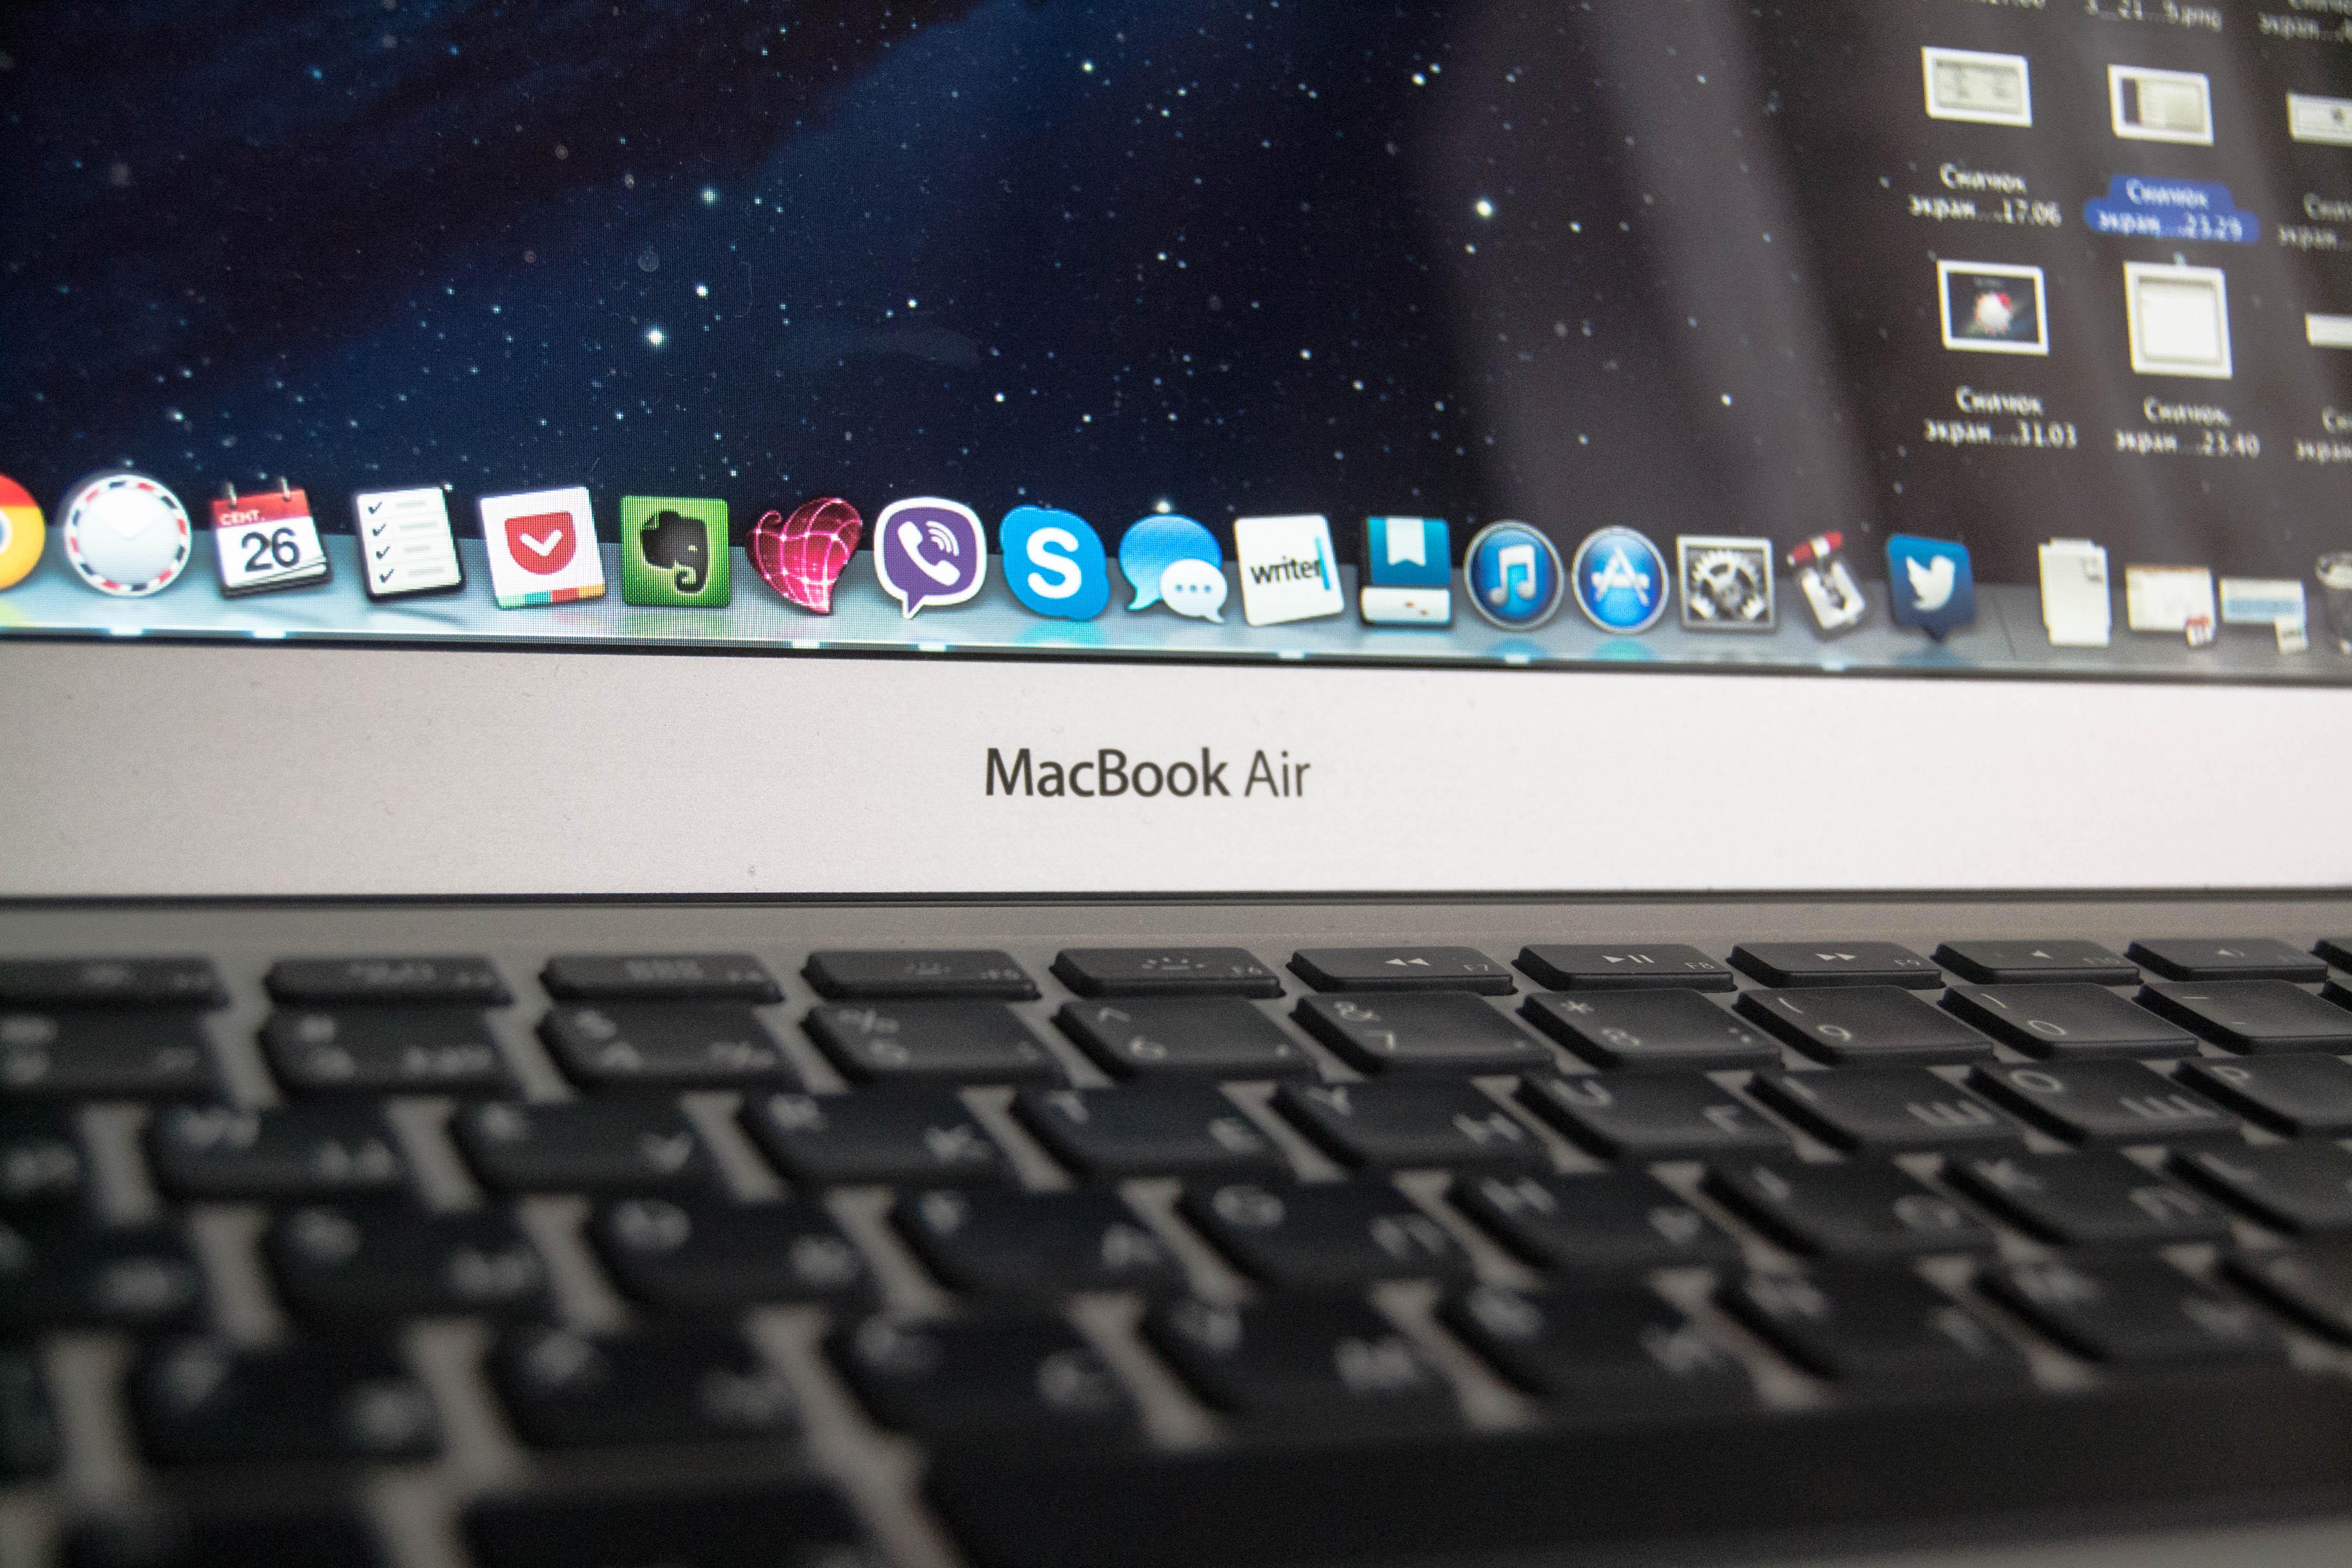 """Обзор и опыт эксплуатации 13"""" MacBook Air 2013 года: легкий, быстрый и живучий ноутбук для работы и жизни"""